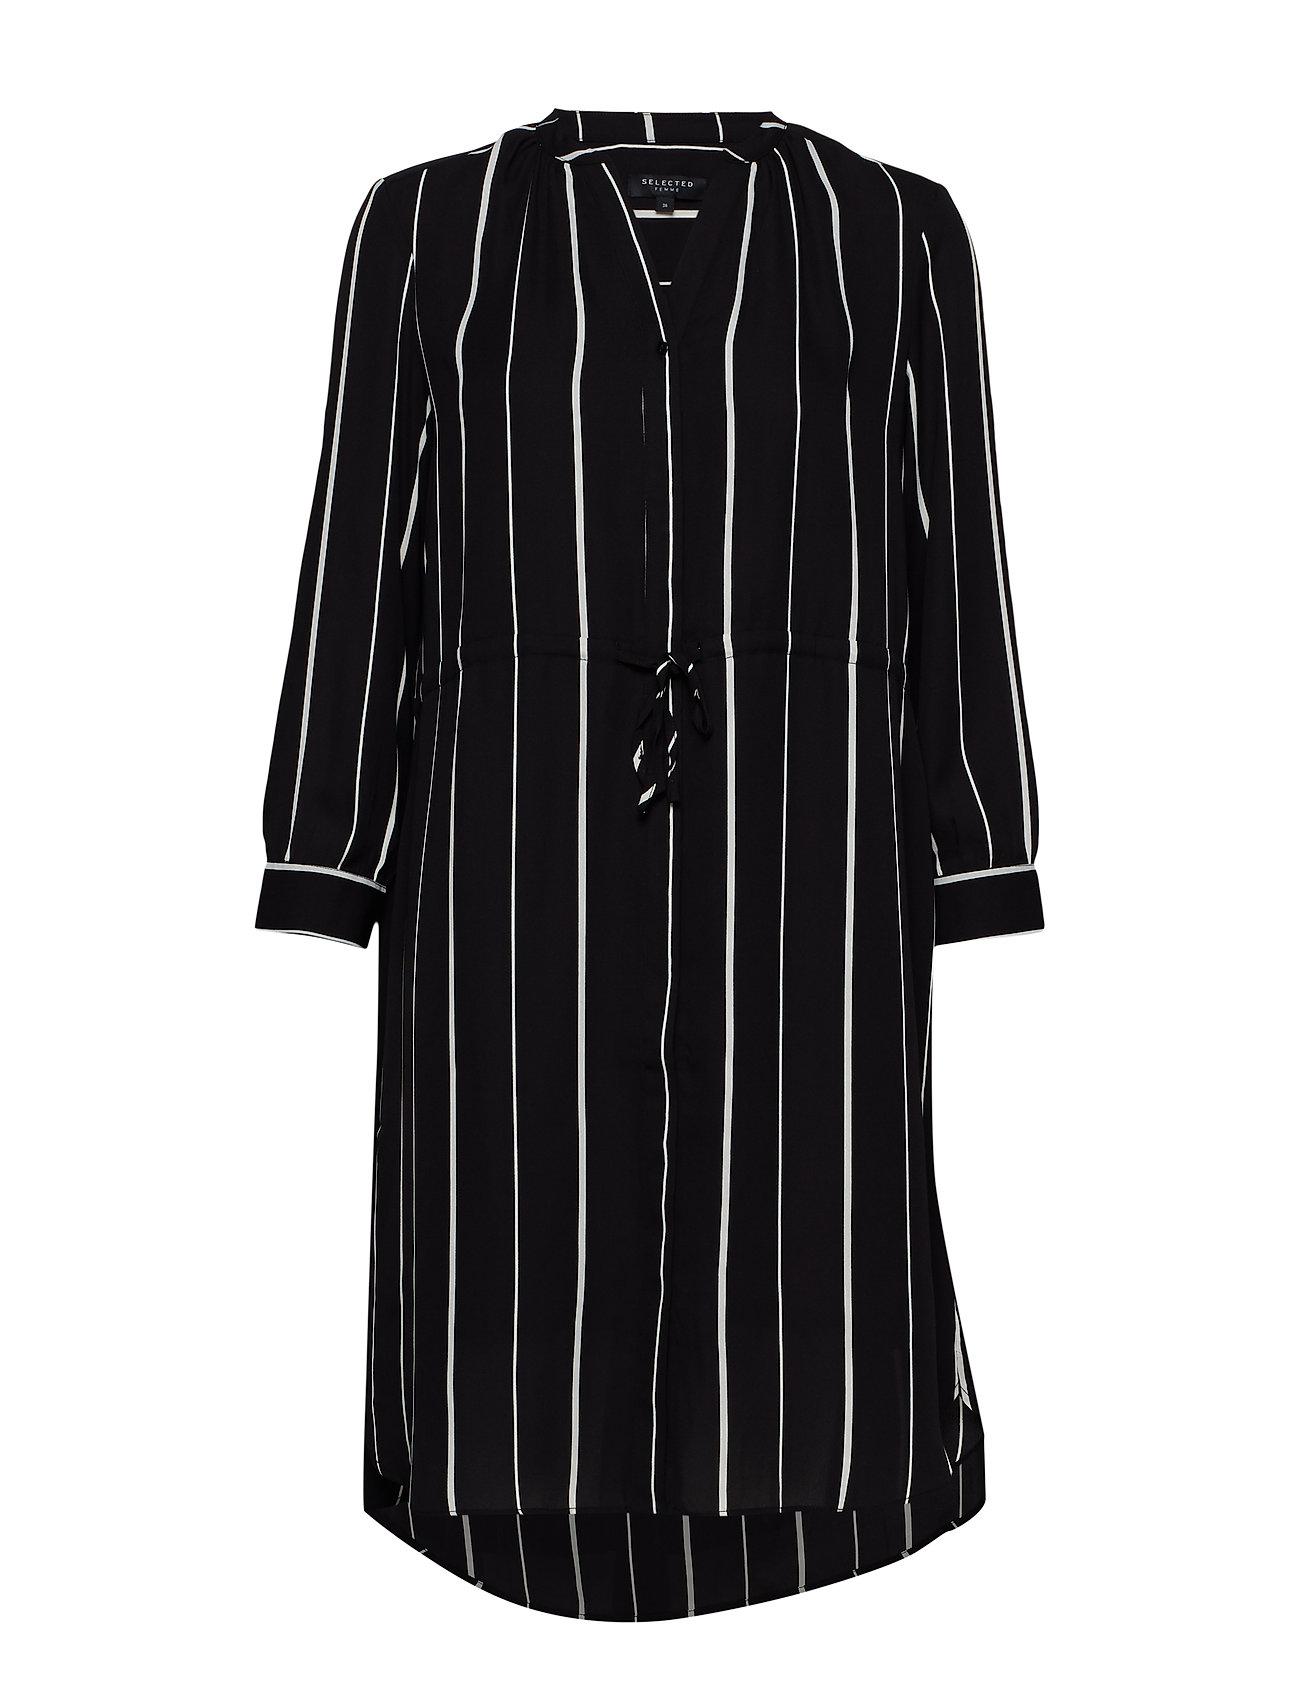 Selected Femme SLFDAMINA 7/8 AOP DRESS B - BLACK